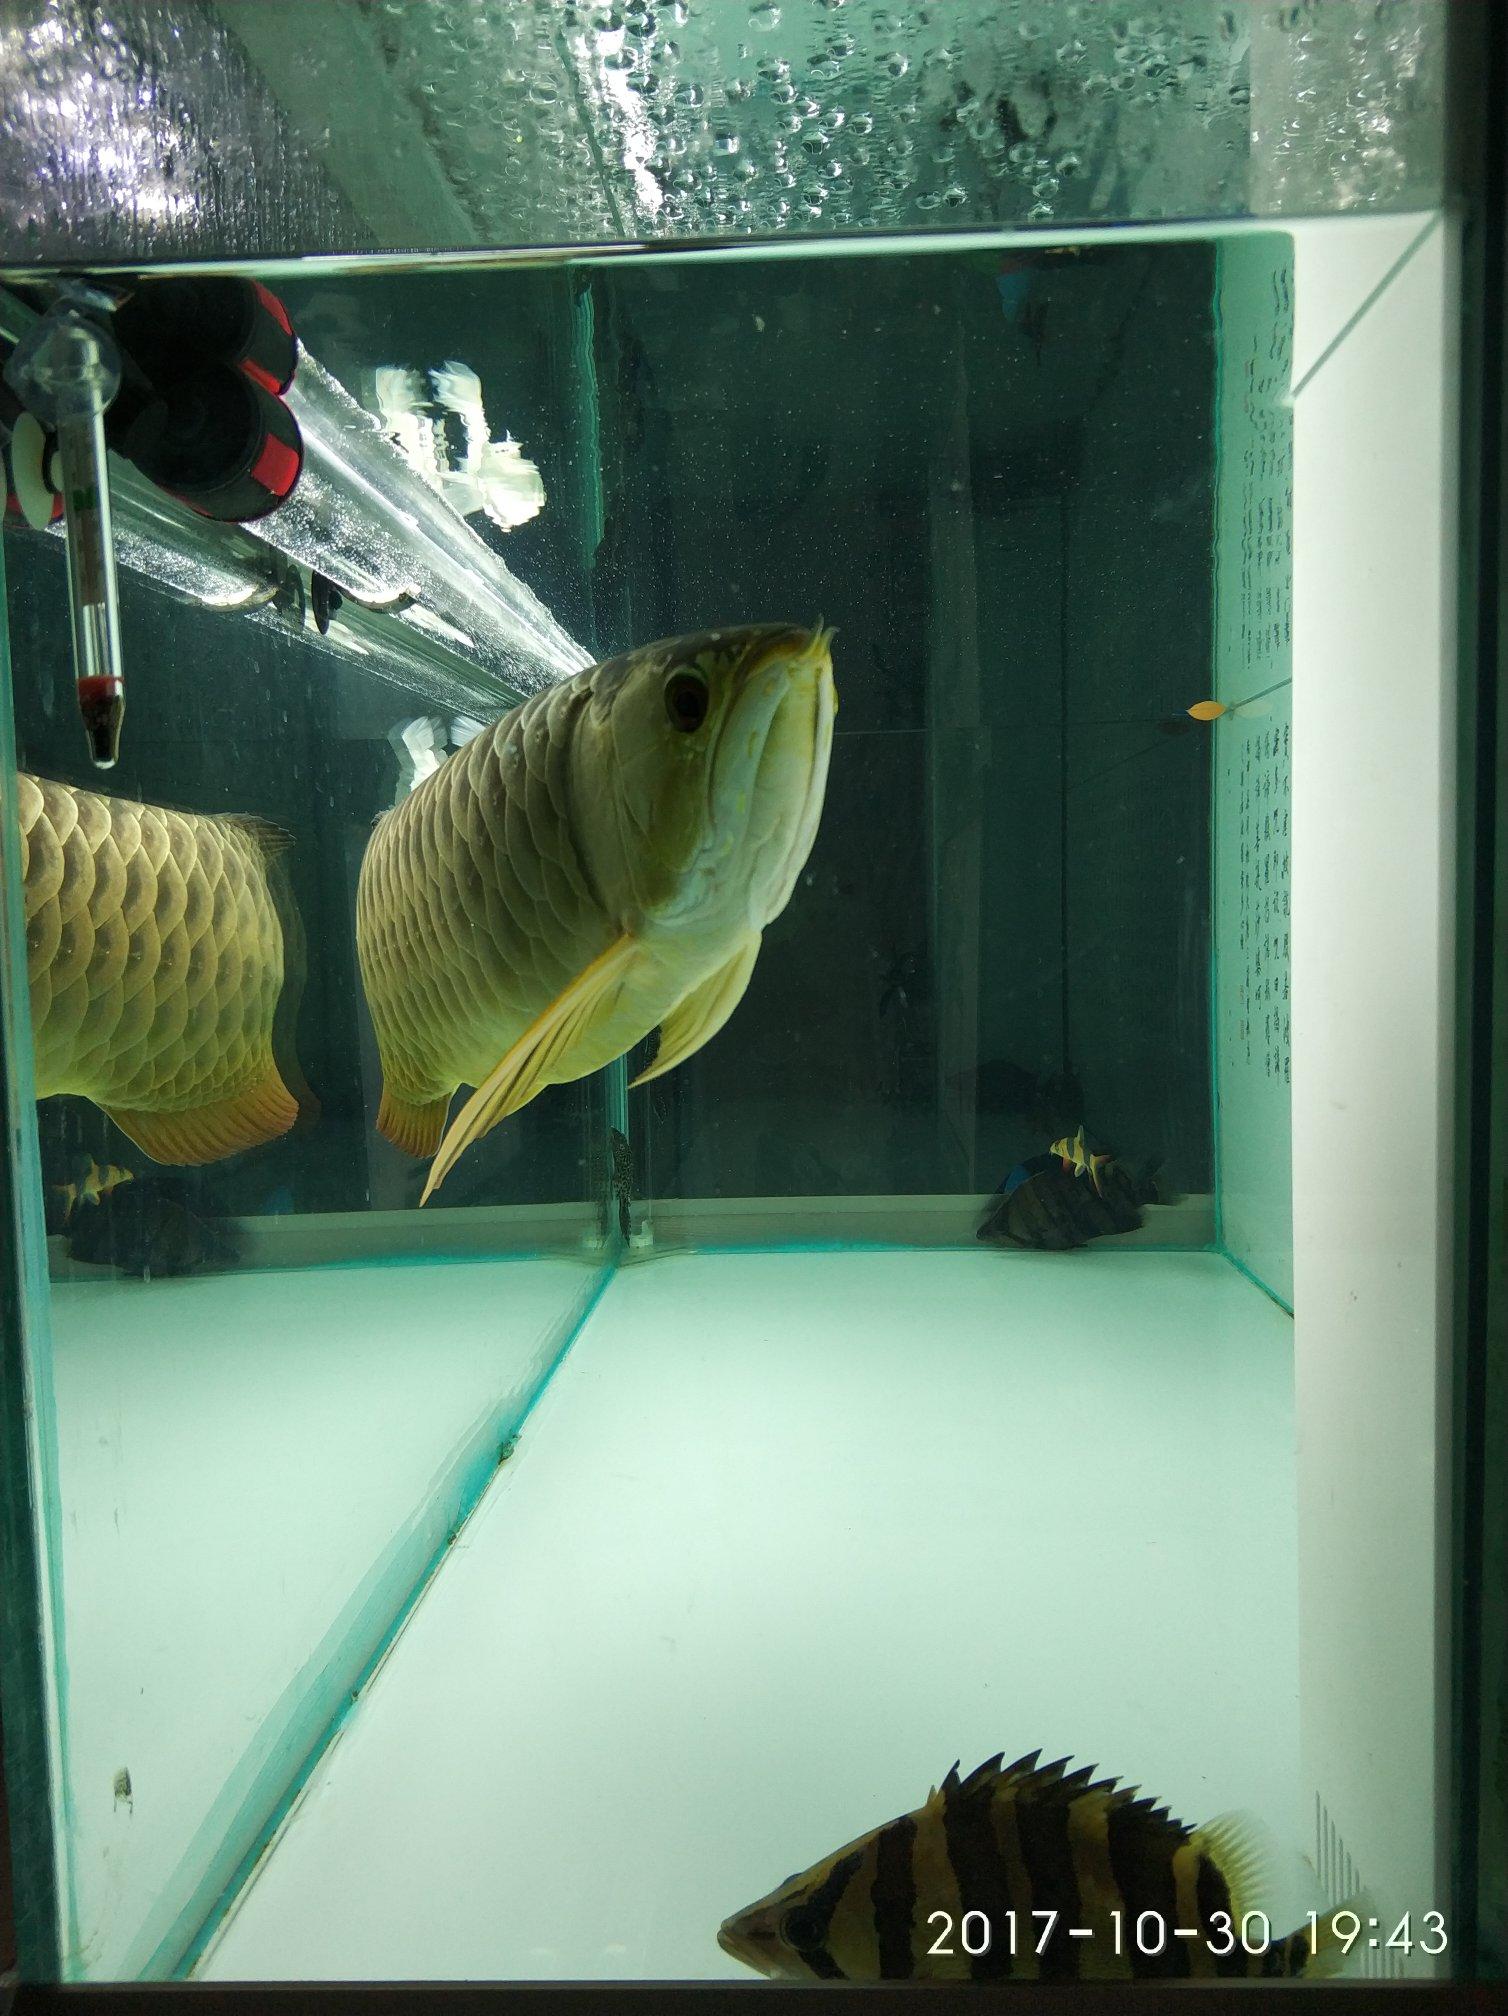 晒晒我的鱼们 西安观赏鱼信息 西安博特第5张